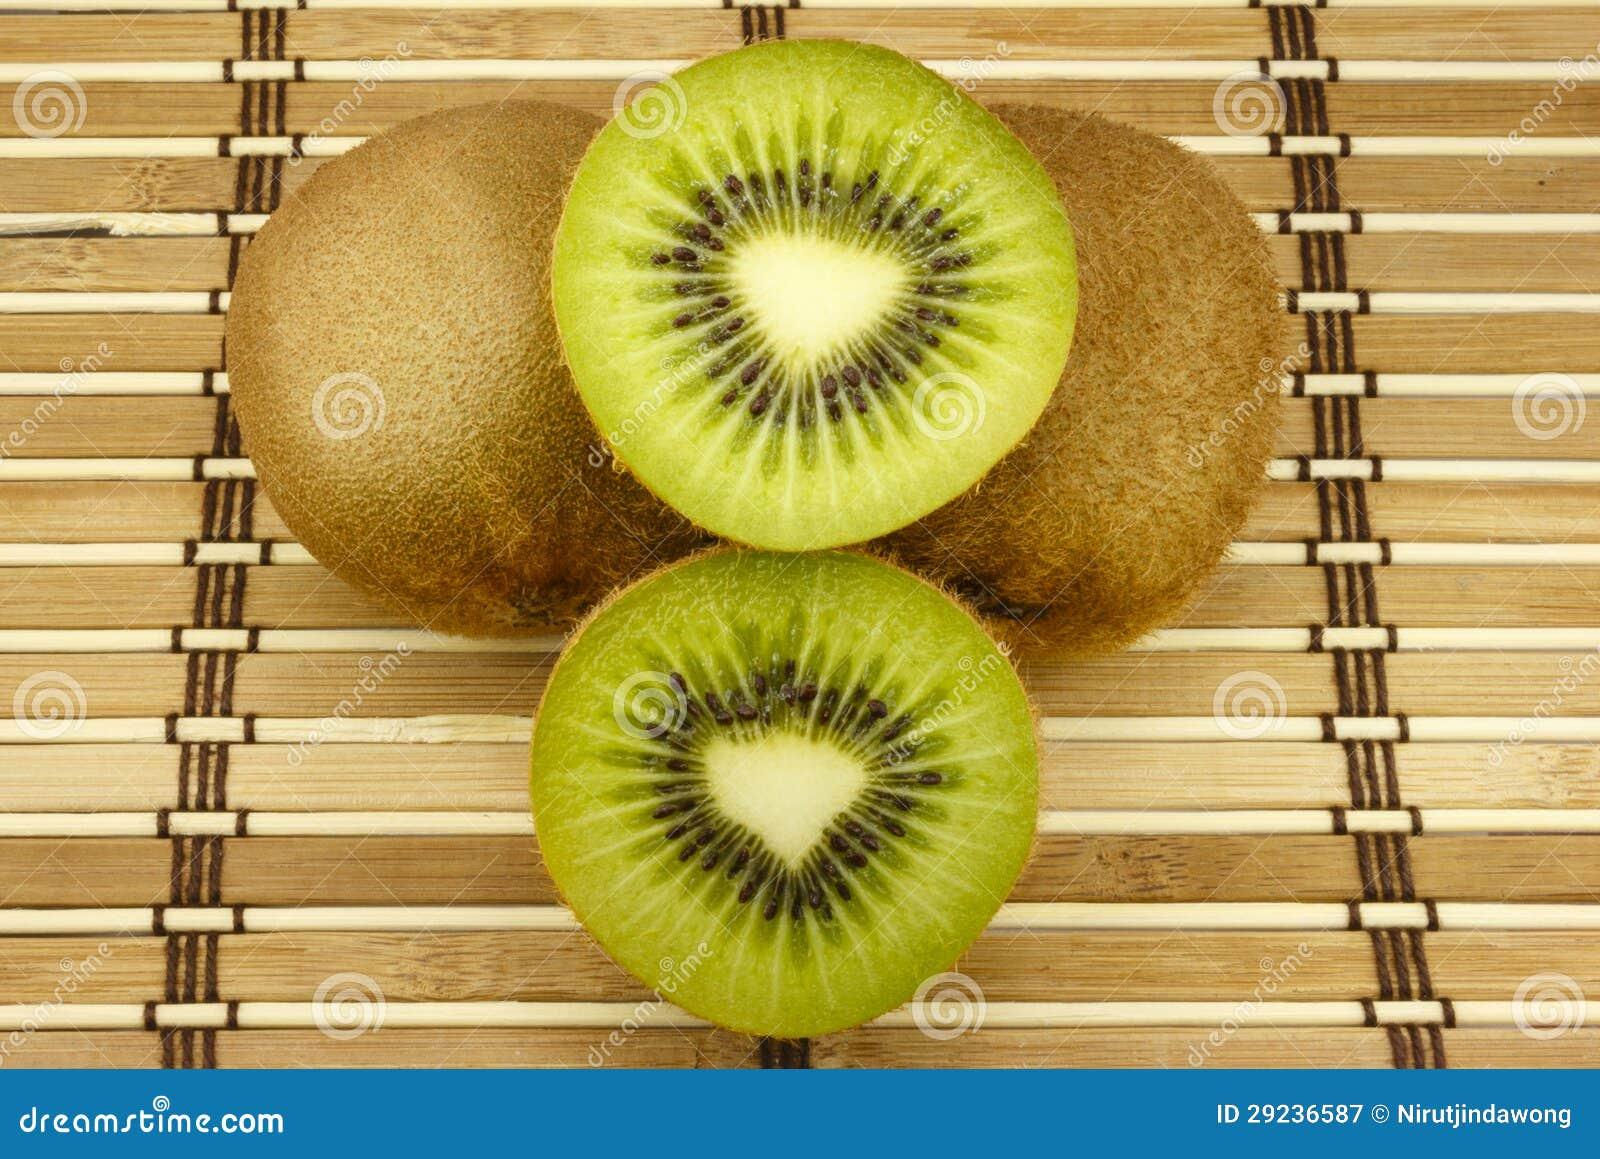 Download Quivi imagem de stock. Imagem de branco, vegetais, alimento - 29236587